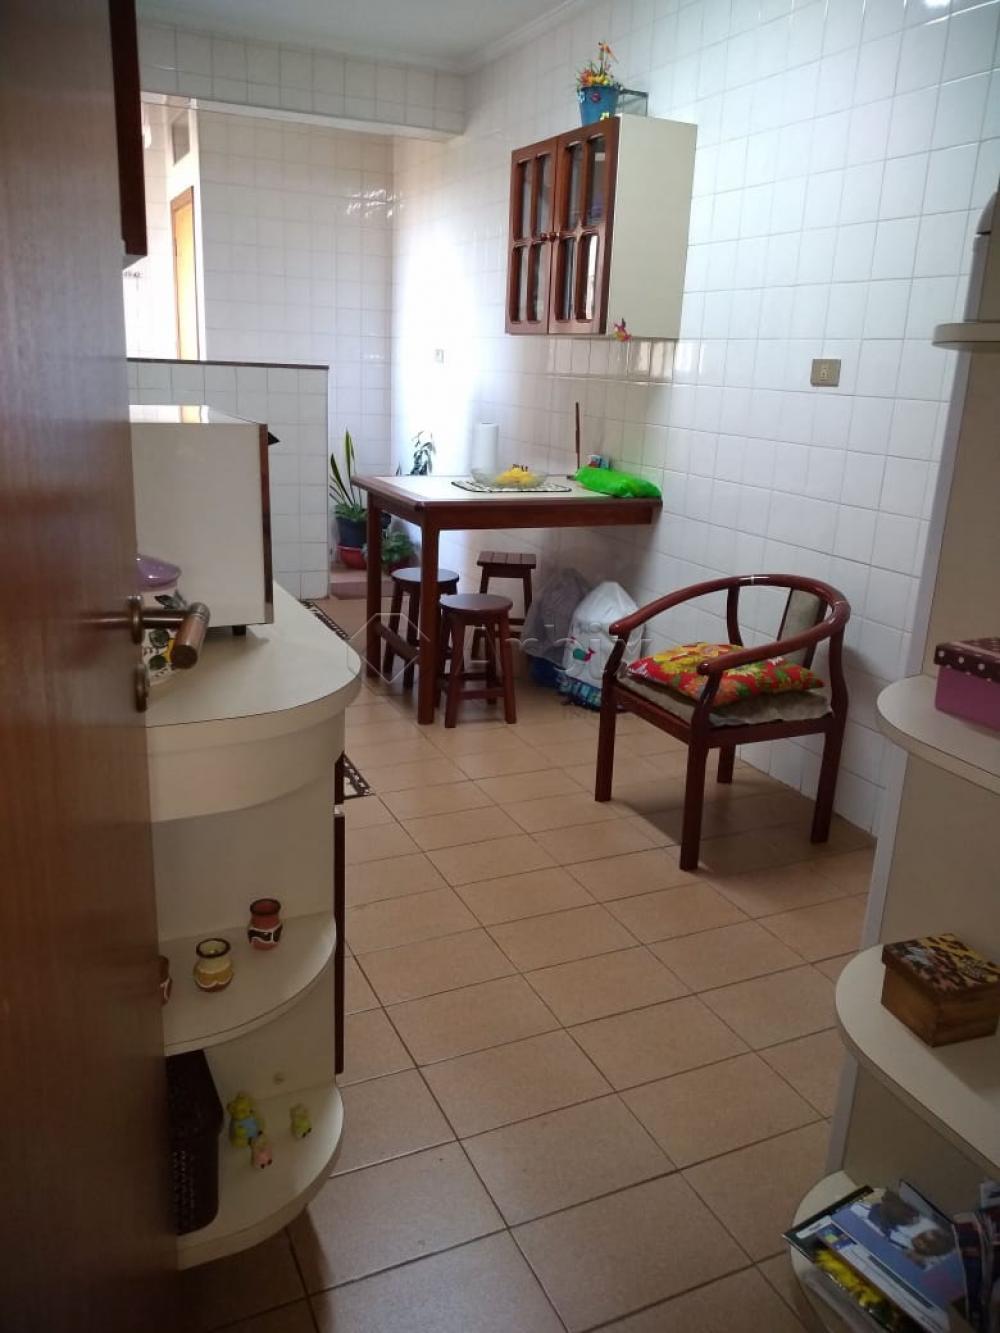 Comprar Apartamento / Padrão em Americana apenas R$ 280.000,00 - Foto 2